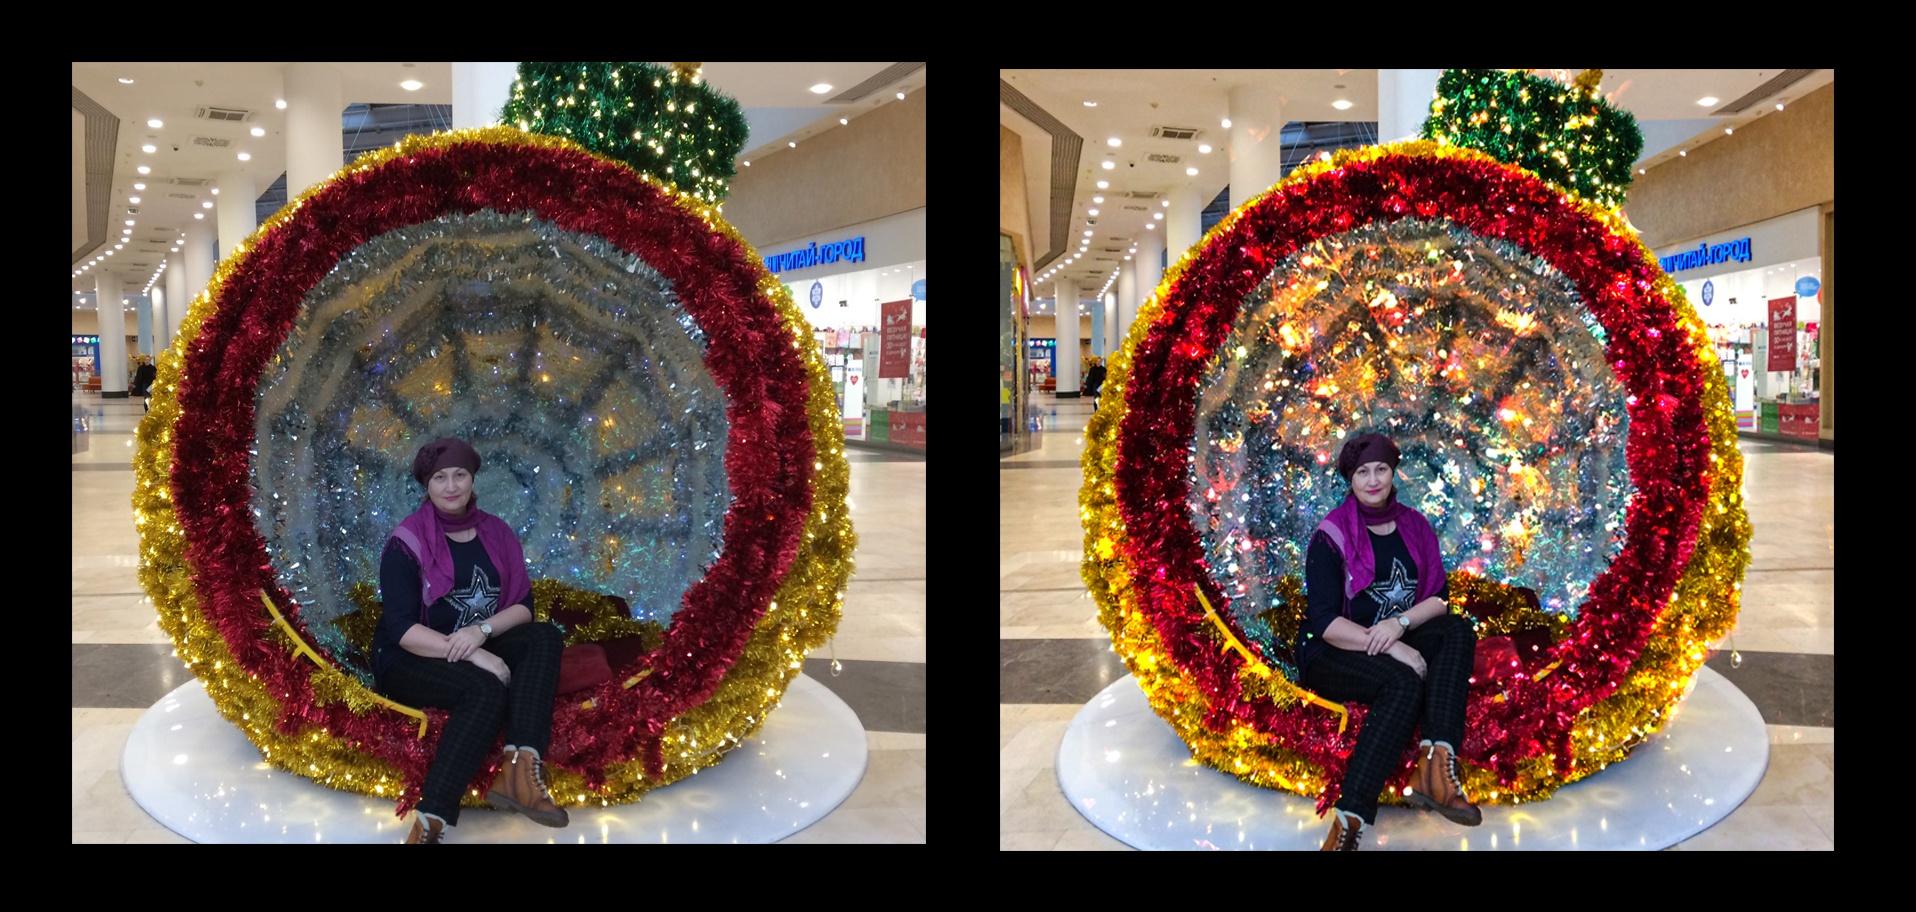 Обработка новогодней фотографии в Photoshop. Мастер-класс Татьяны Черновой